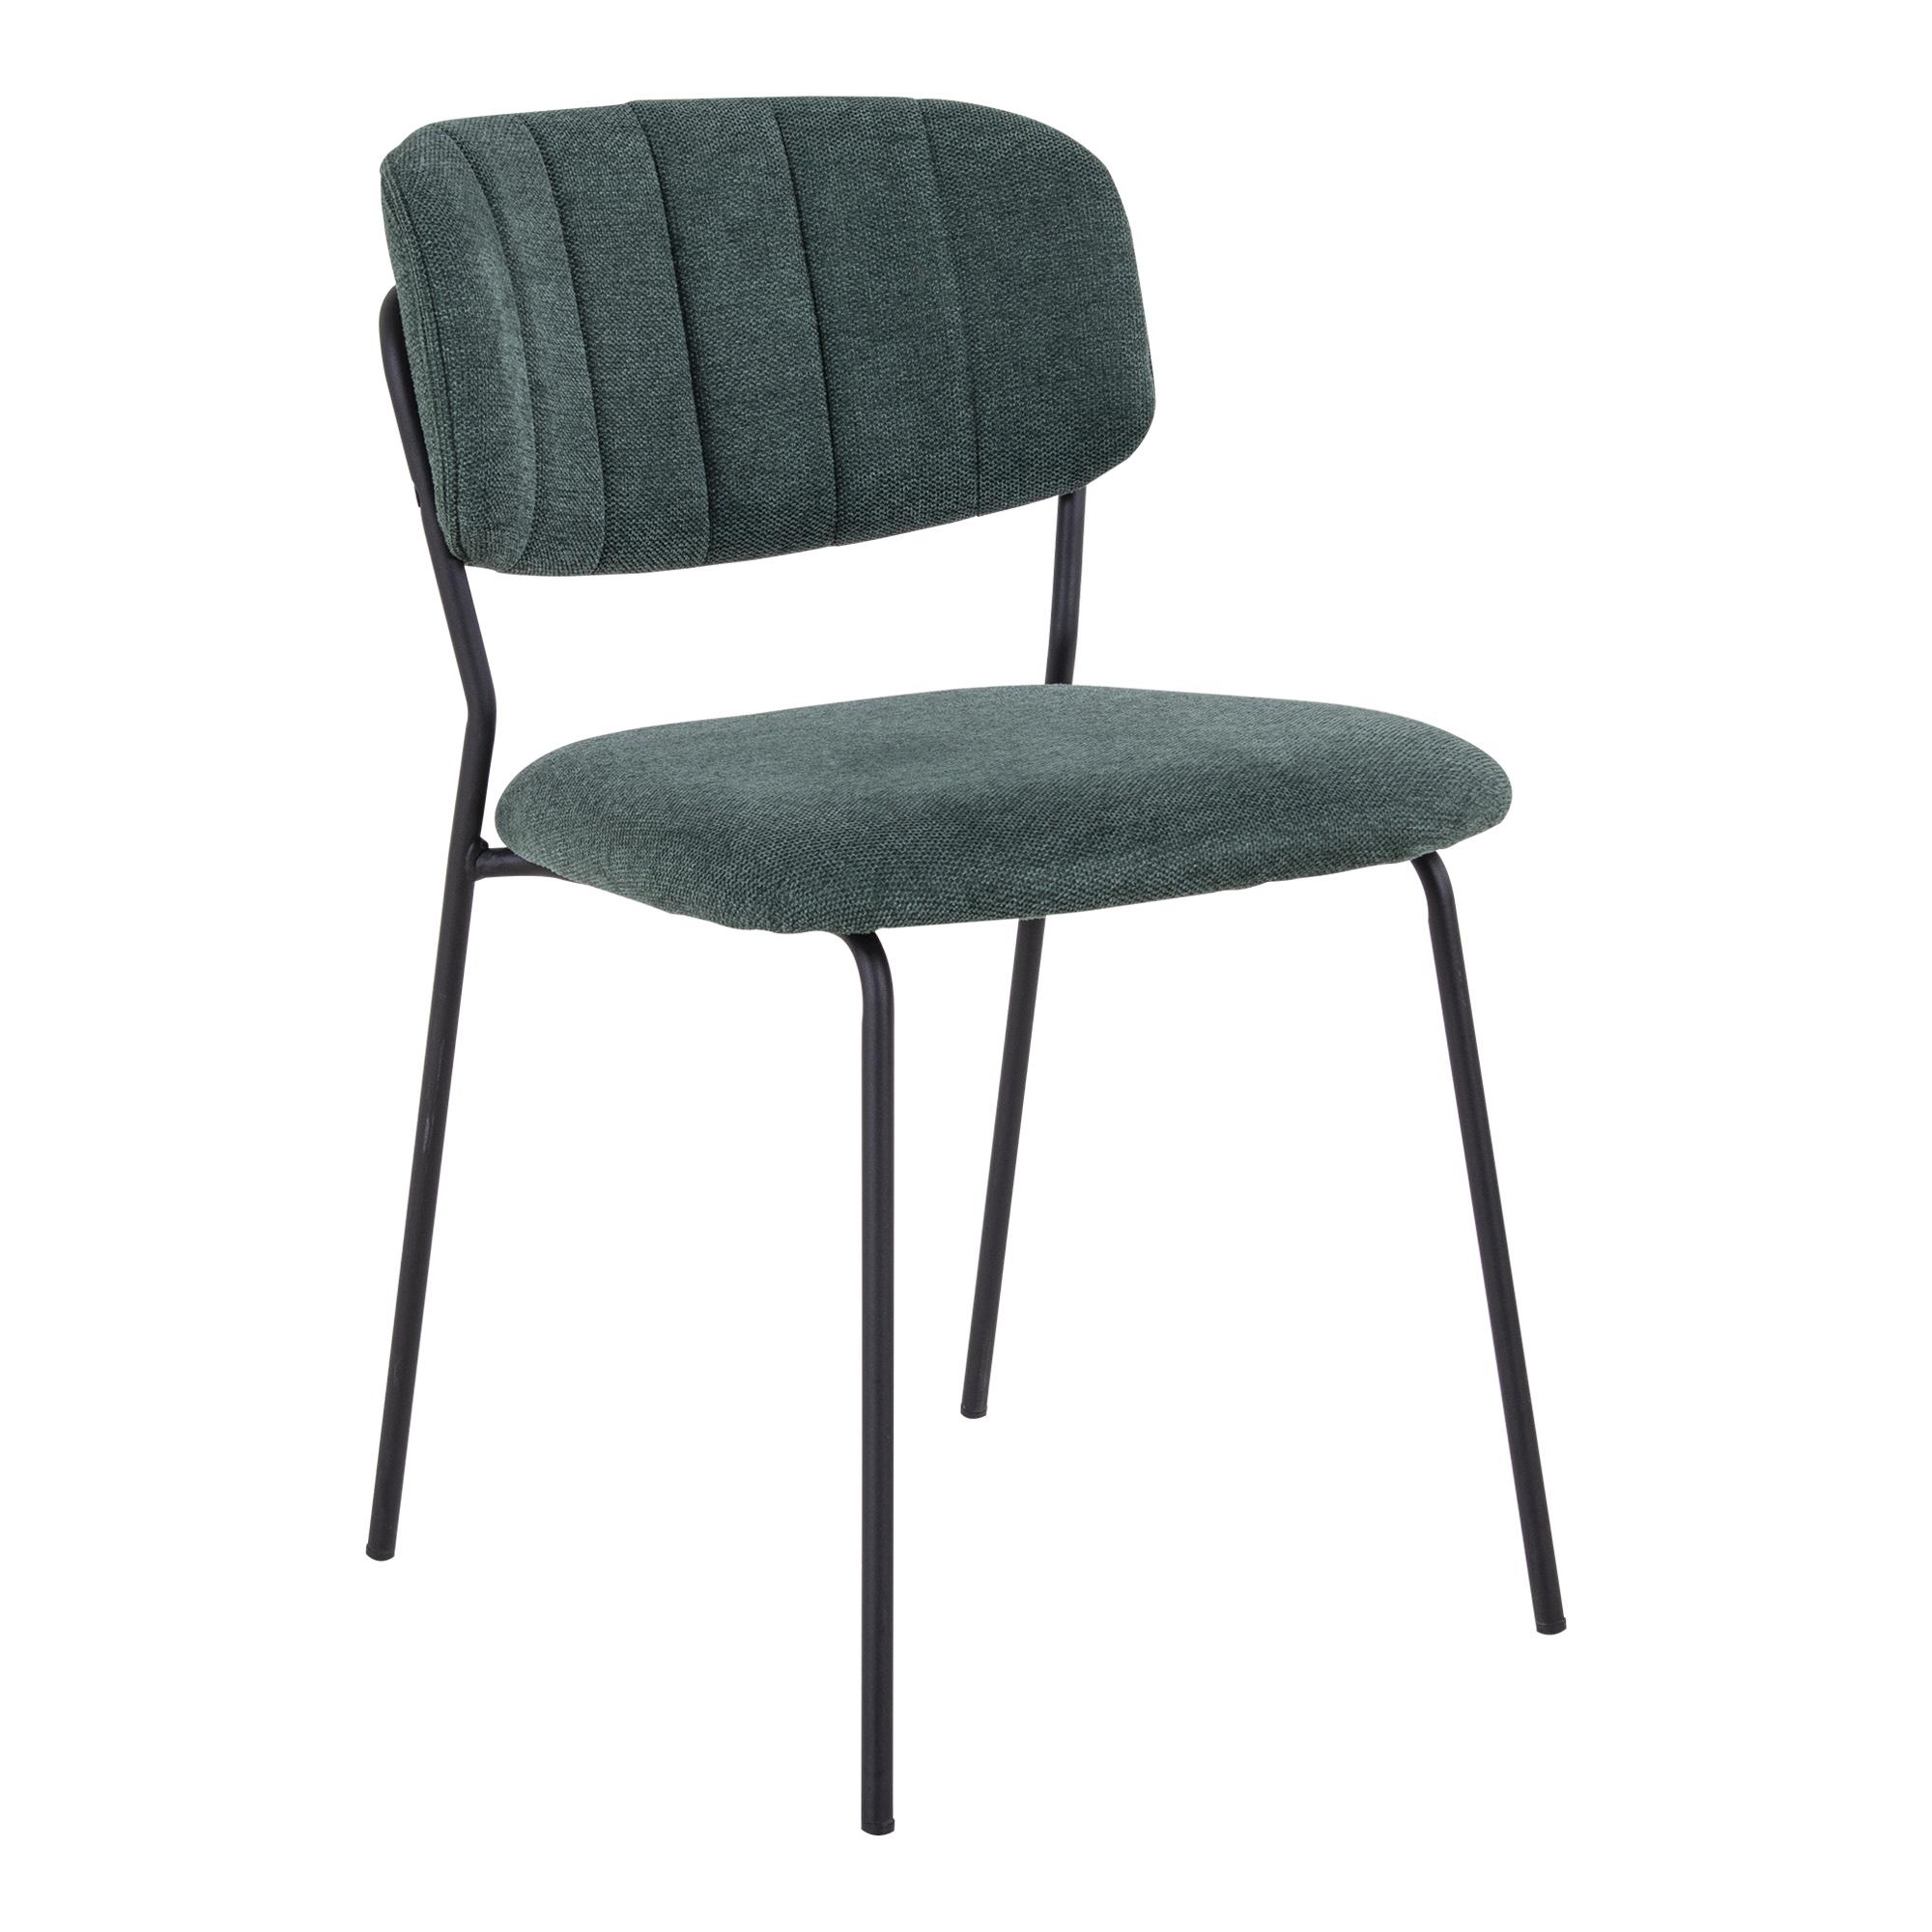 HOUSE NORDIC Alicante spisebordsstol - mørkegrøn stof og sort metal